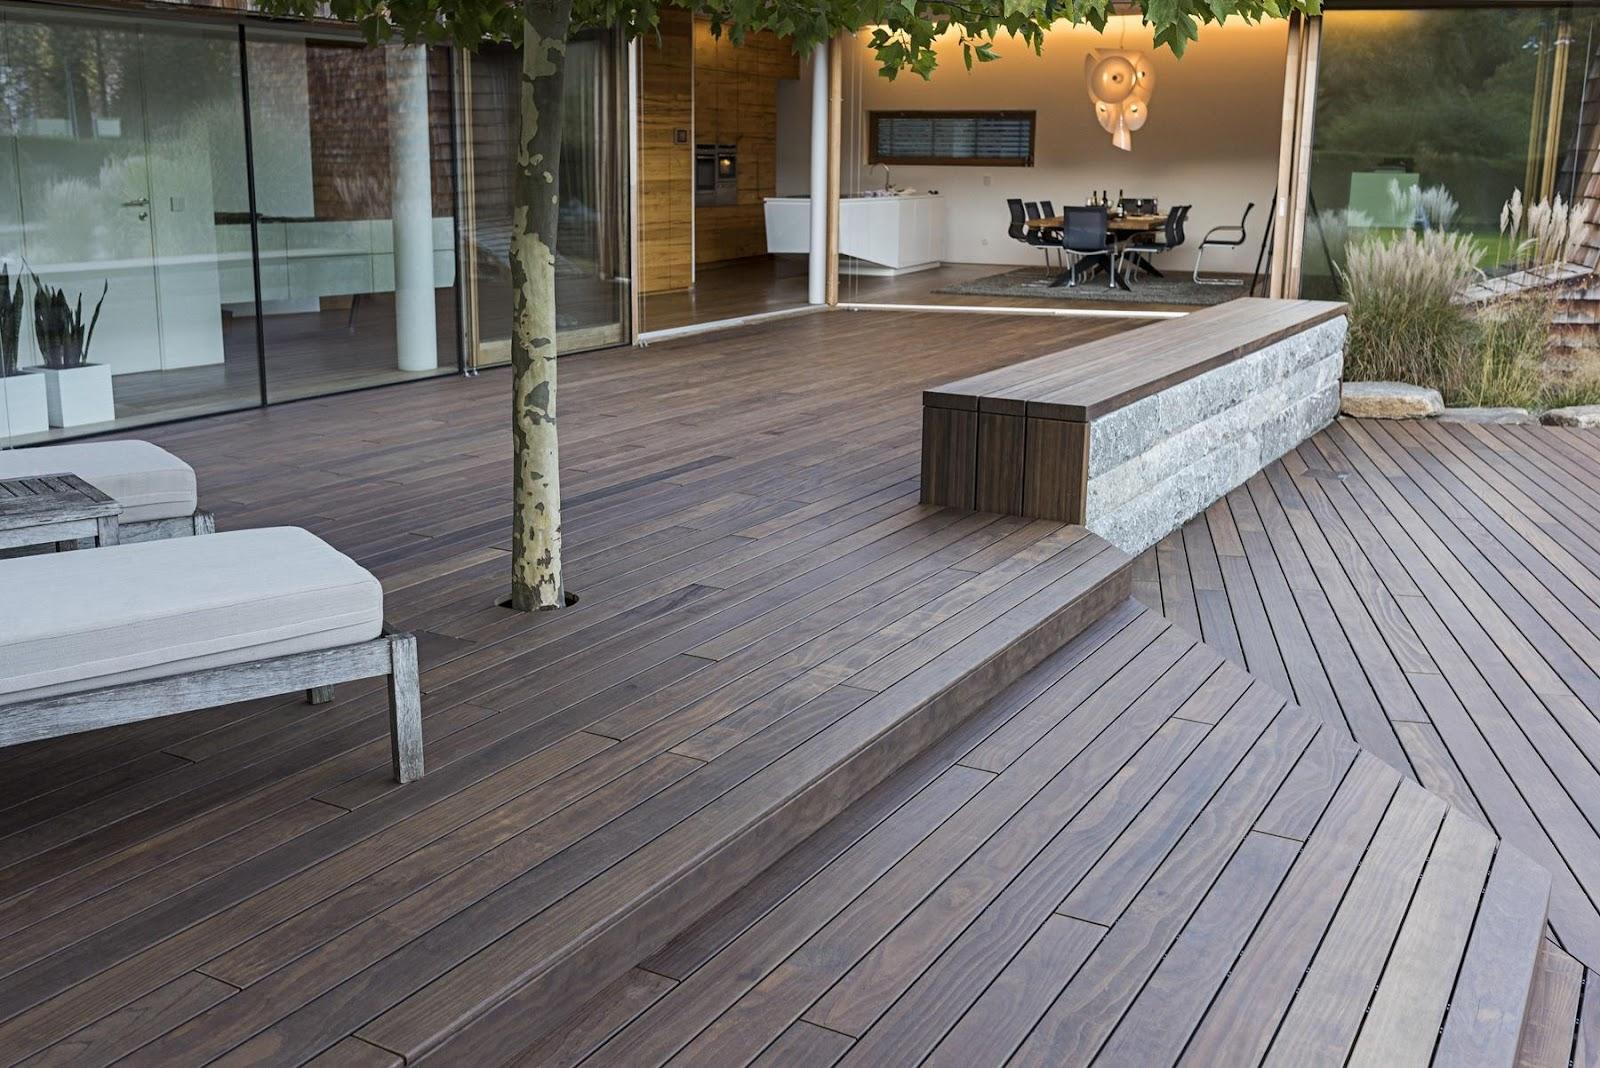 holz terrasse, die pflegeleichte holzterrasse, Design ideen